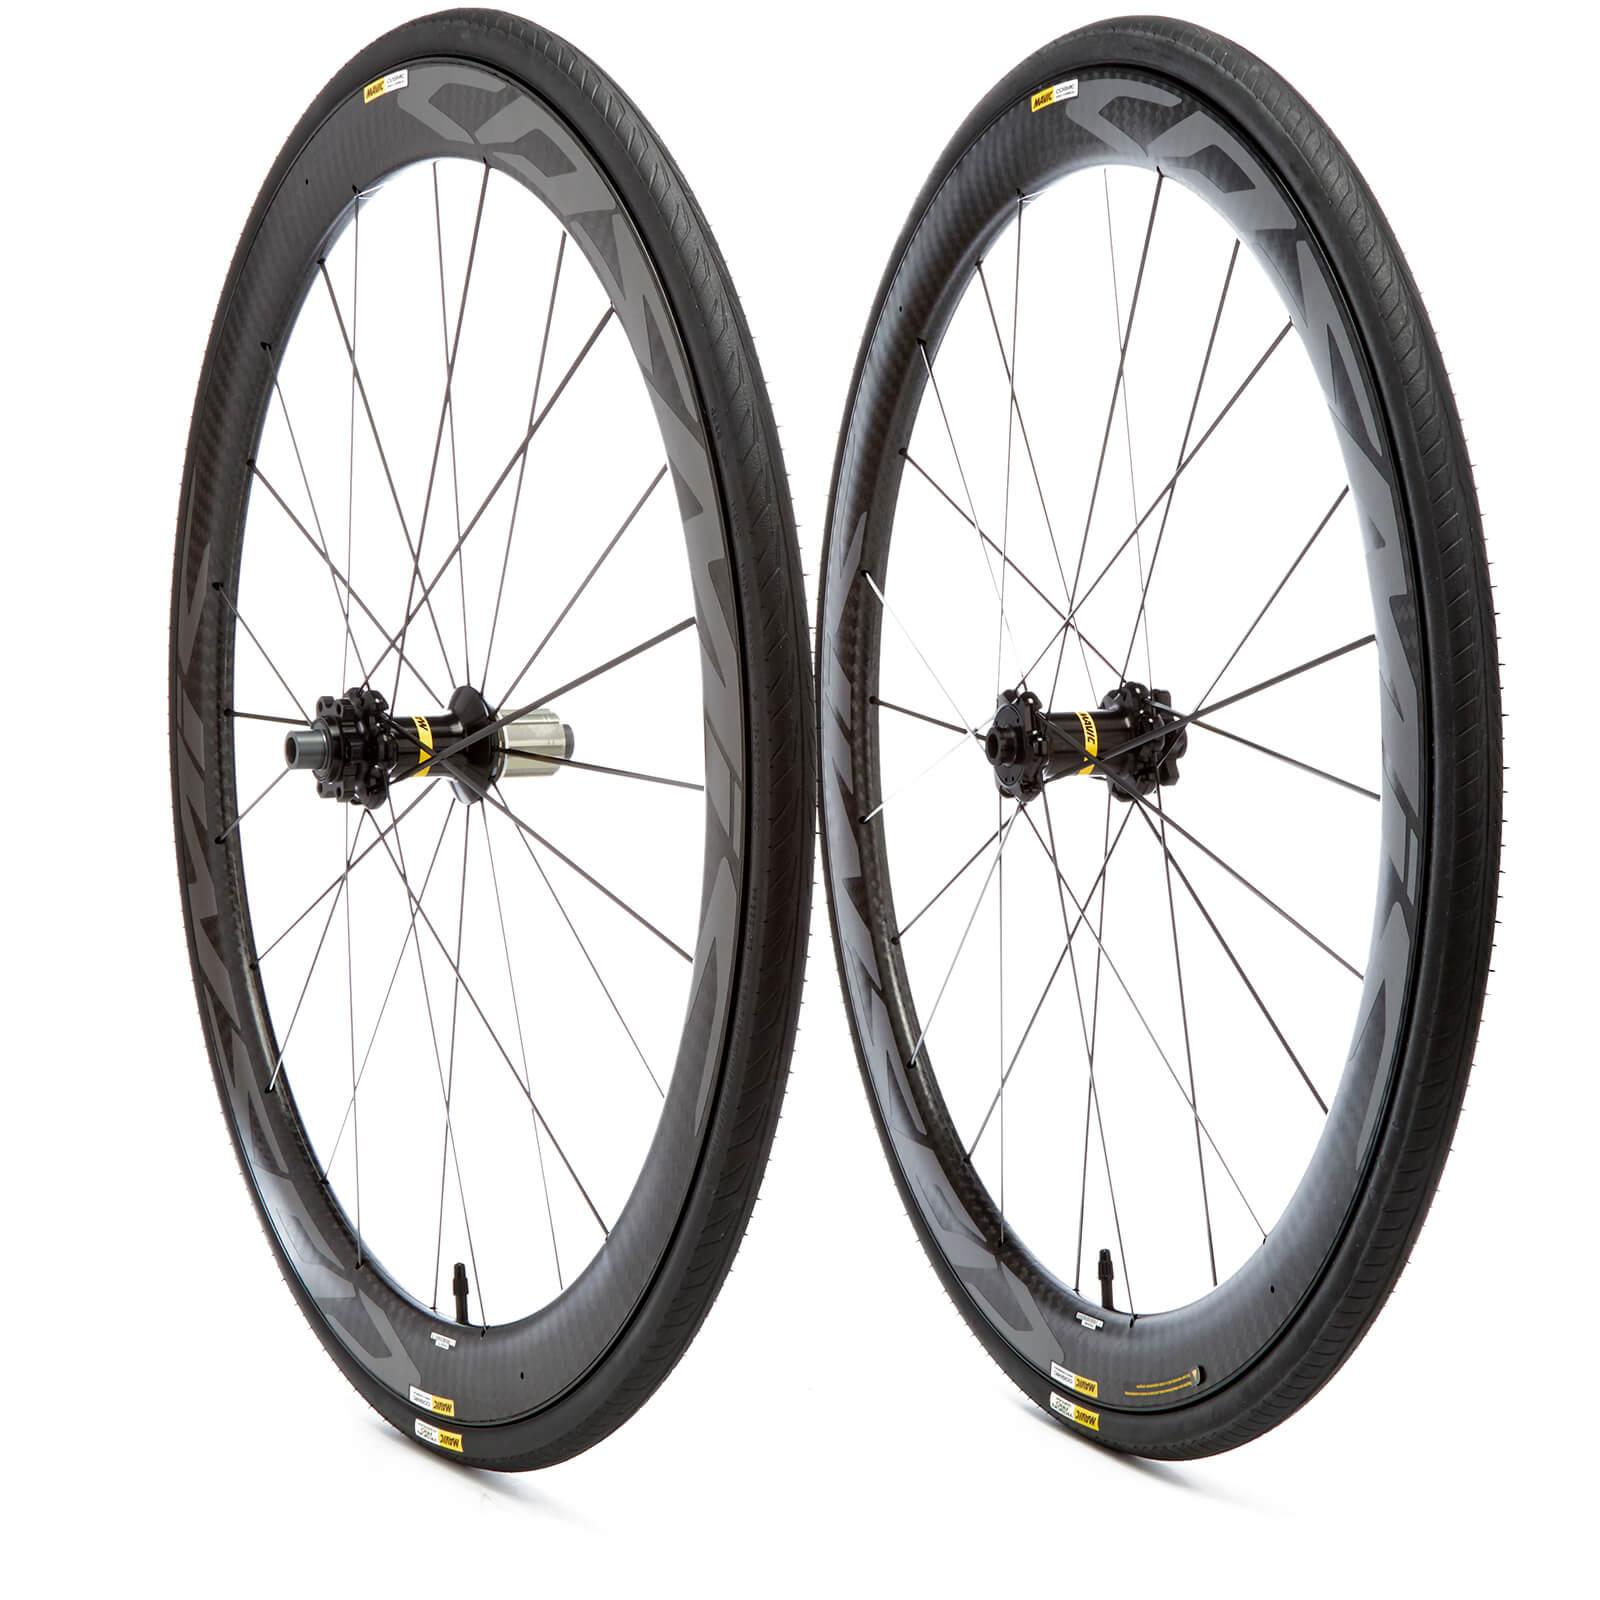 3dfb3610d24 Mavic Cosmic Pro Carbon Disc Clincher Wheelset | ProBikeKit.com